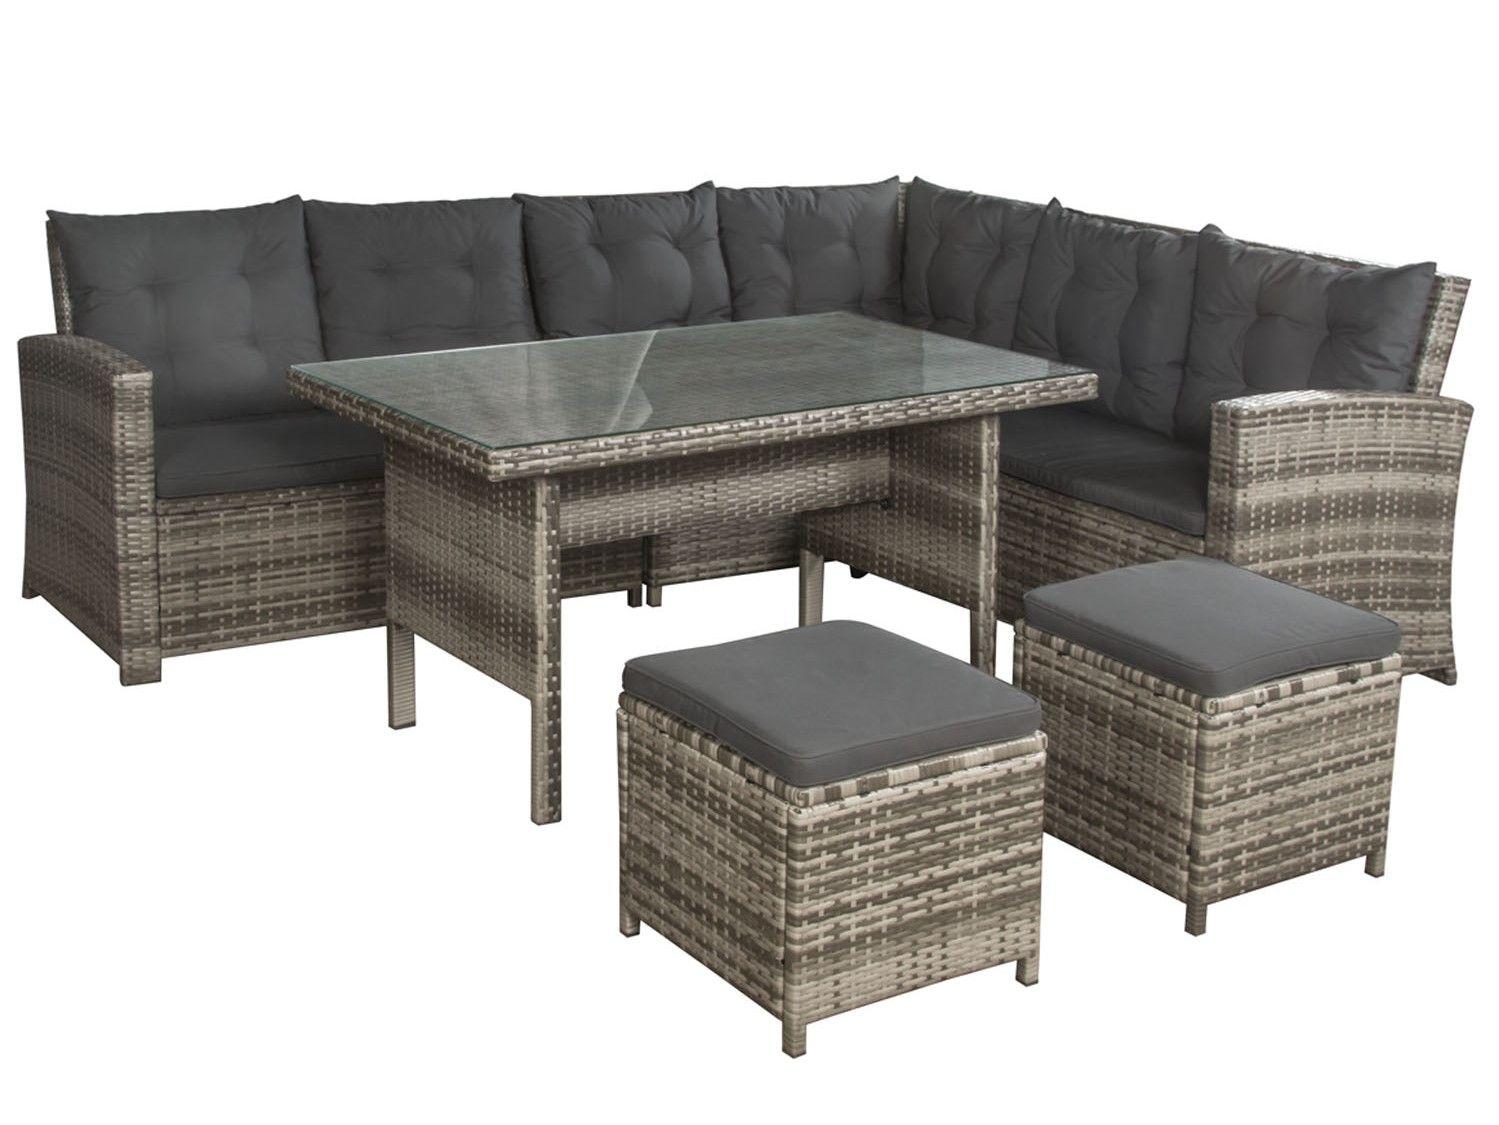 Kup Teraz Na Allegro Pl Za 2250 00 Zl Meble Ogrodowe Zestaw Wypoczynkowy Stol Kanapa 7881143694 Allegro Furniture Outdoor Furniture Sets Outdoor Furniture